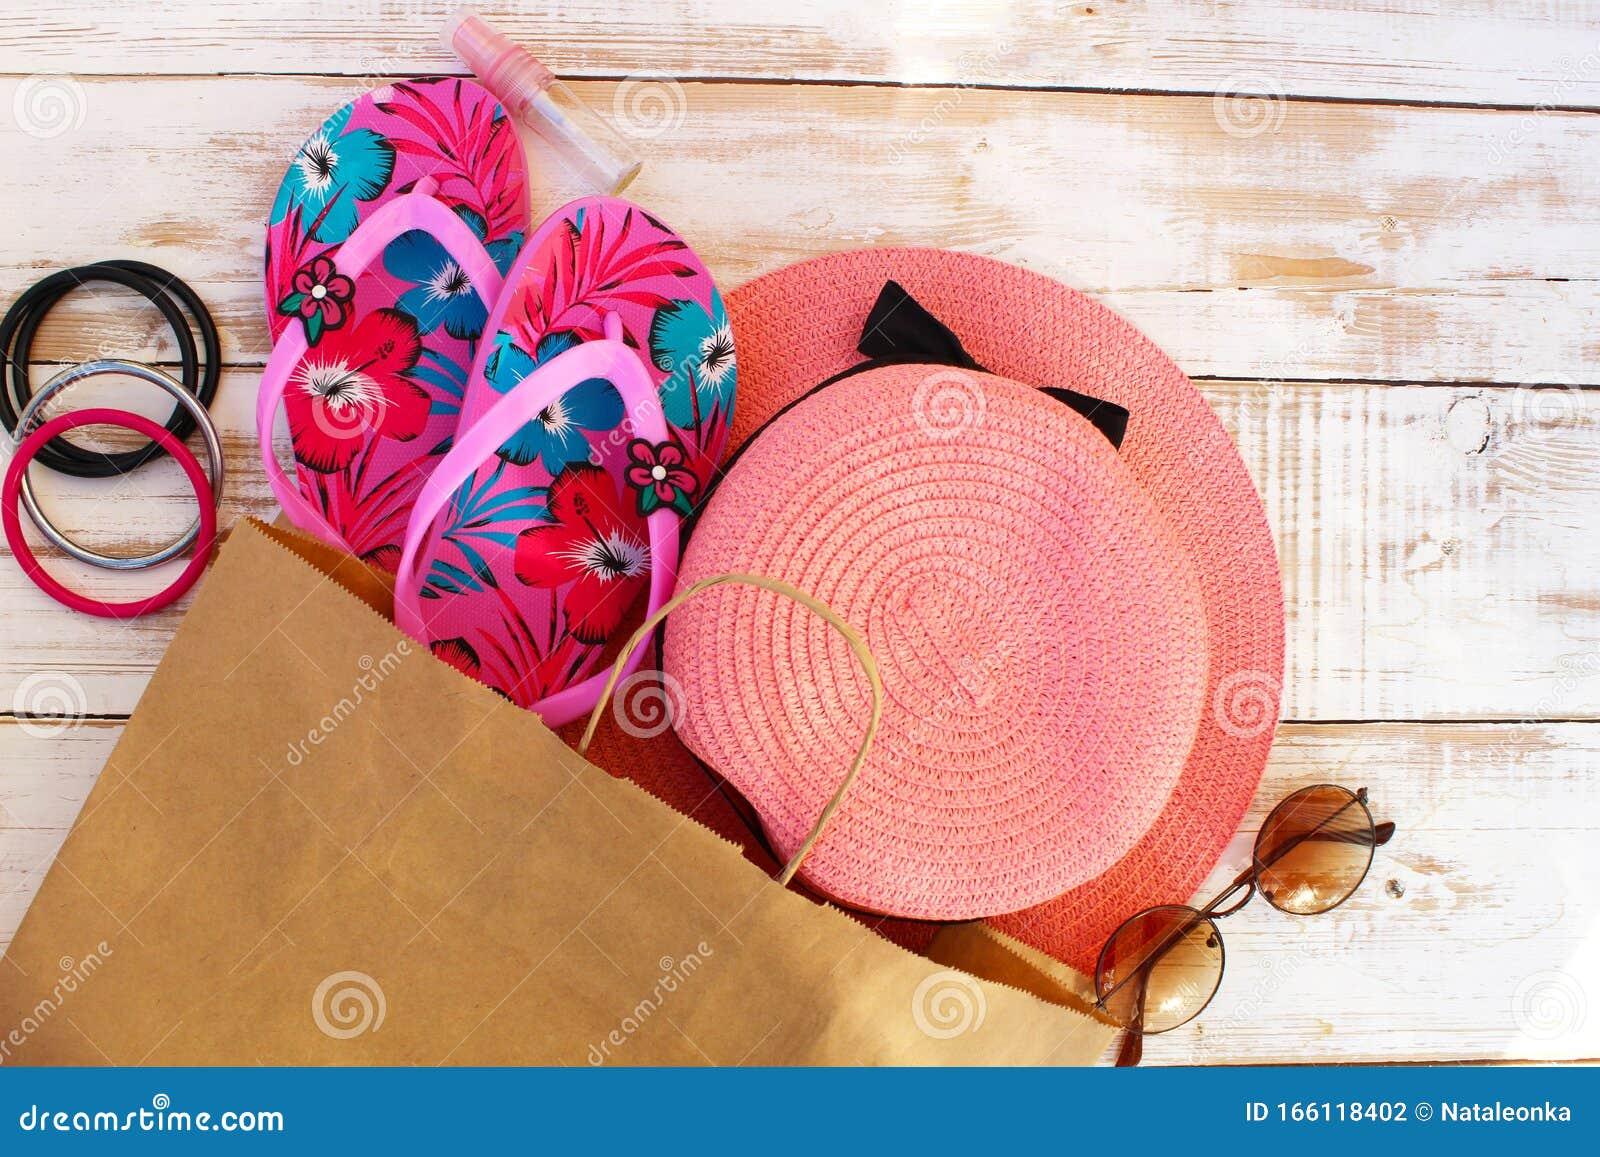 Accesorios De Playa Para Mujeres O Niñas Foto De Archivo Imagen De Alimento Blanco 166118402